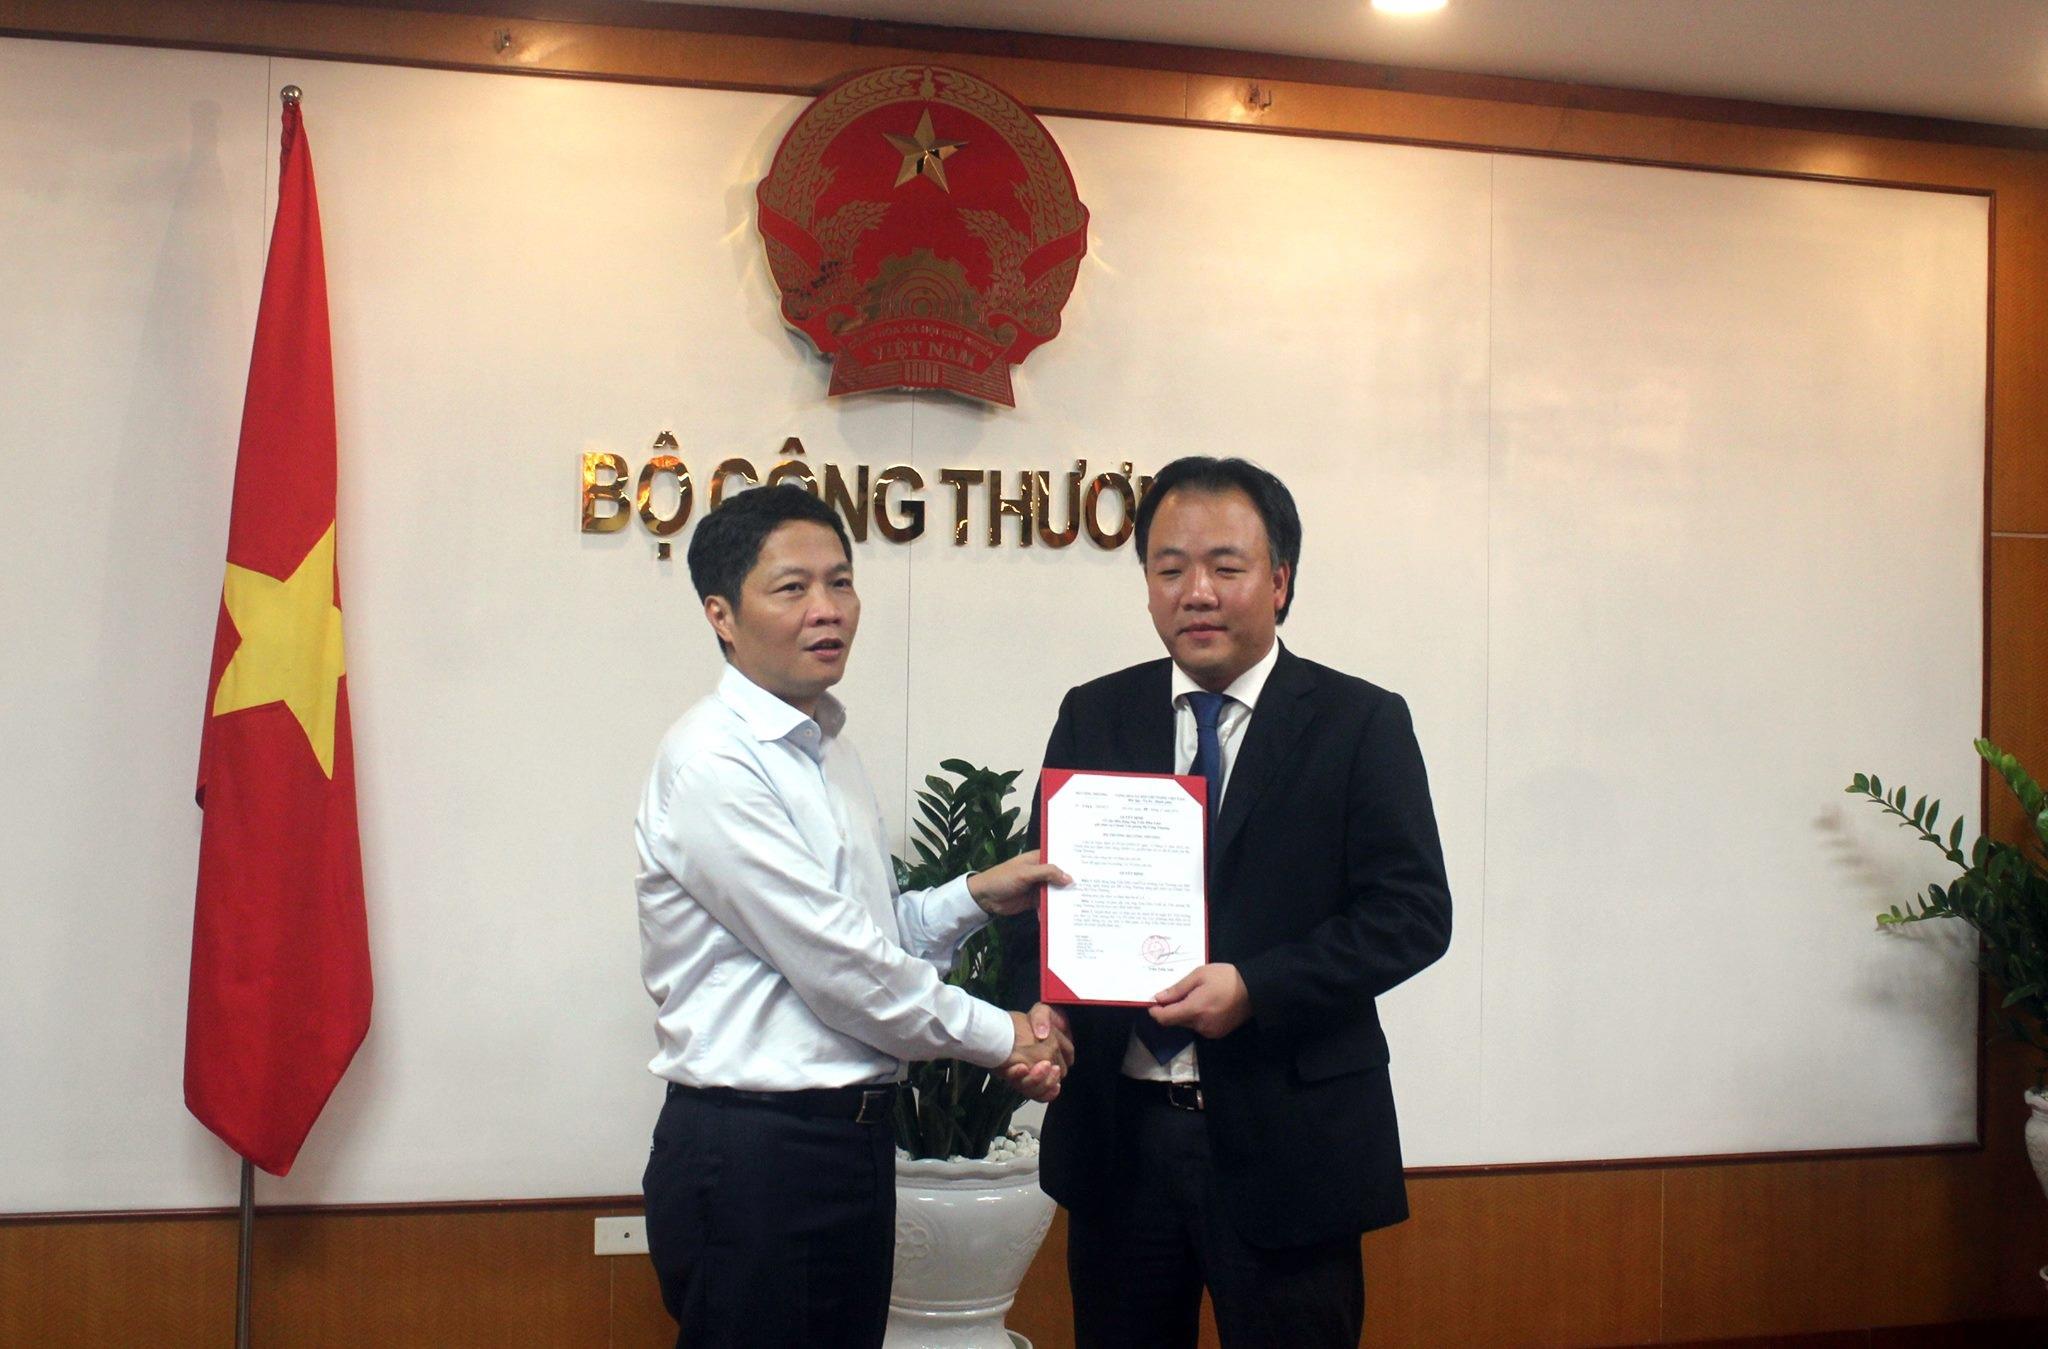 Bộ trưởng Công Thương Trần Tuấn Anh trao quyết định cho ông Trần Hữu Linh